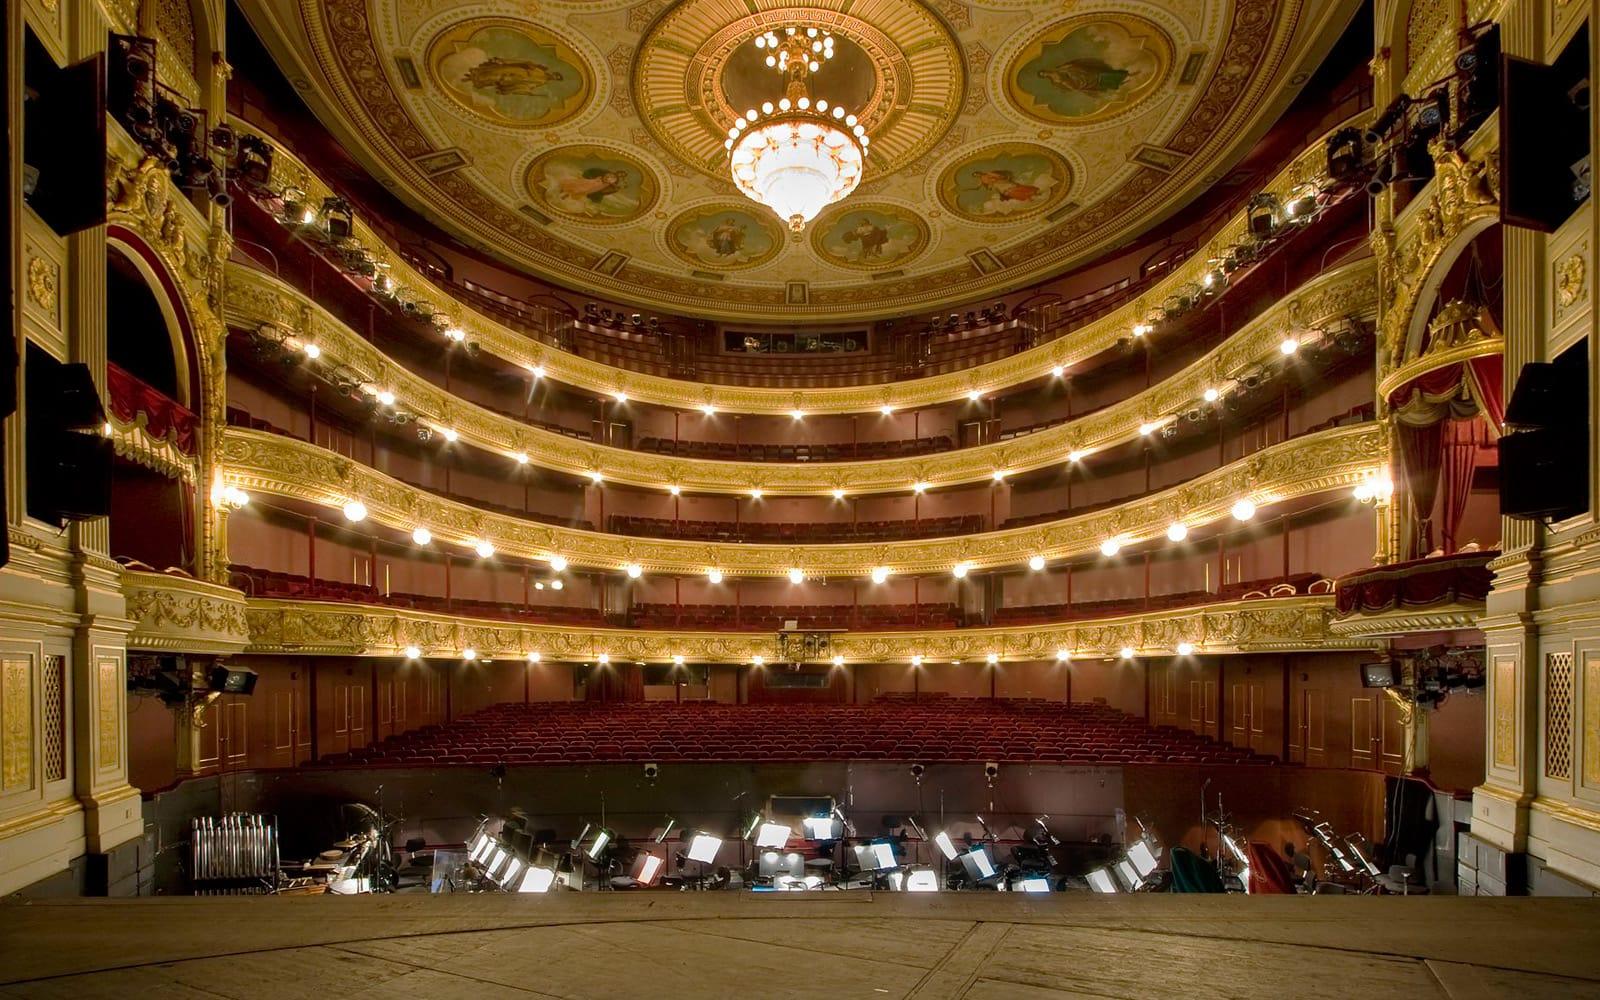 Studietur København Kgl teater gamle scene